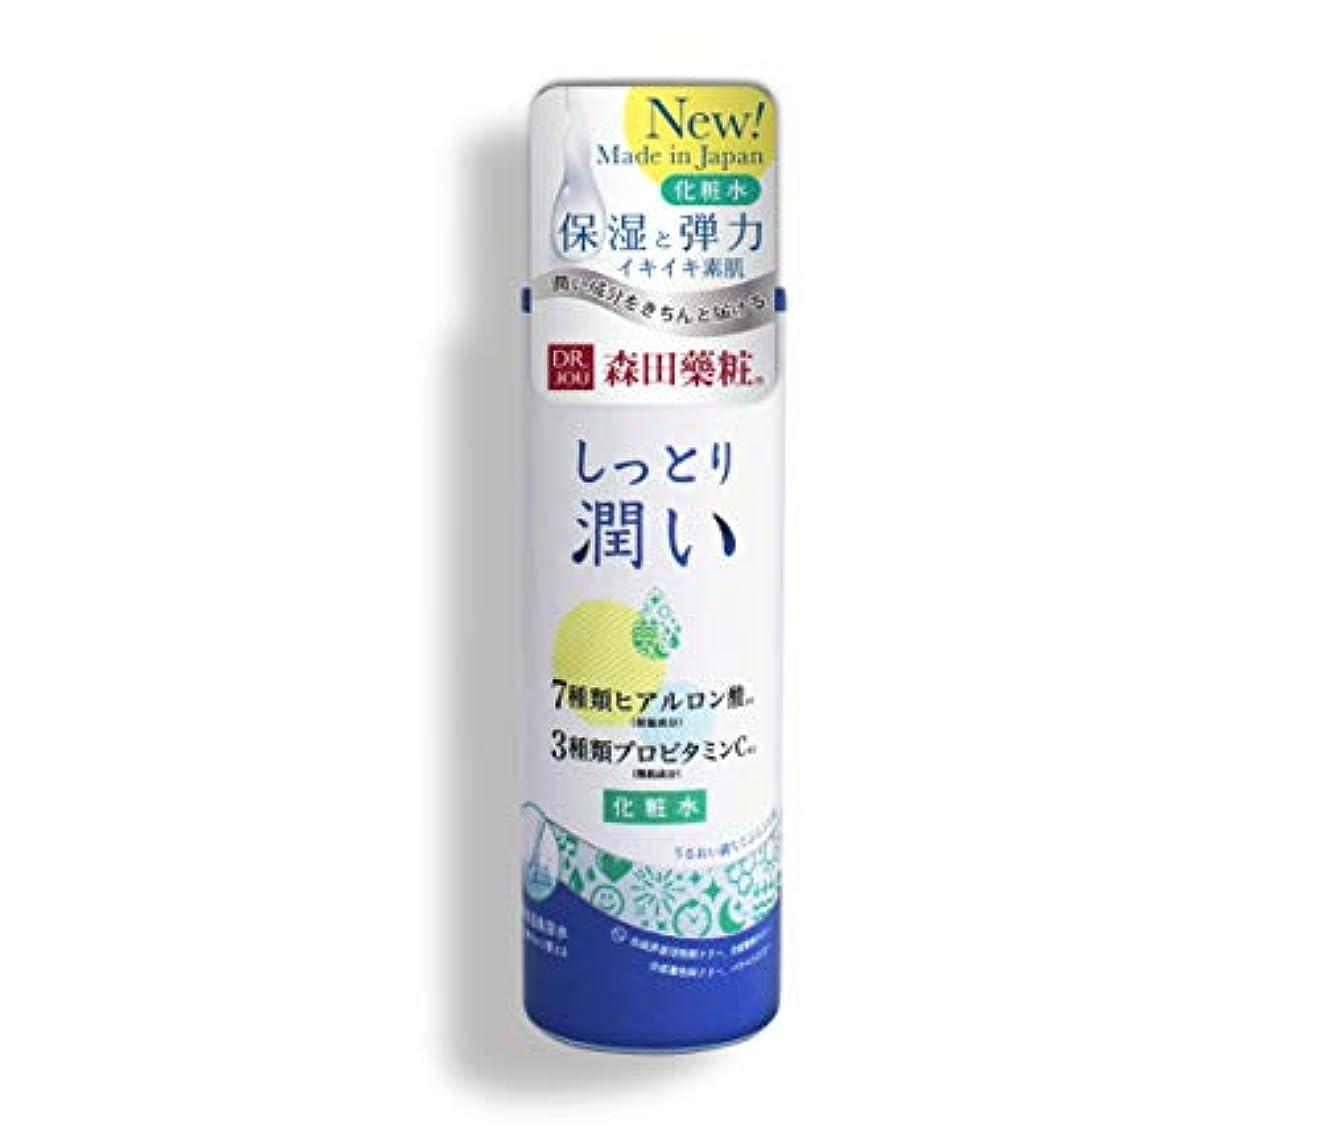 ボード刺繍たくさん【森田薬粧】DR.JOU しっとり 潤い 化粧水 (170ml)